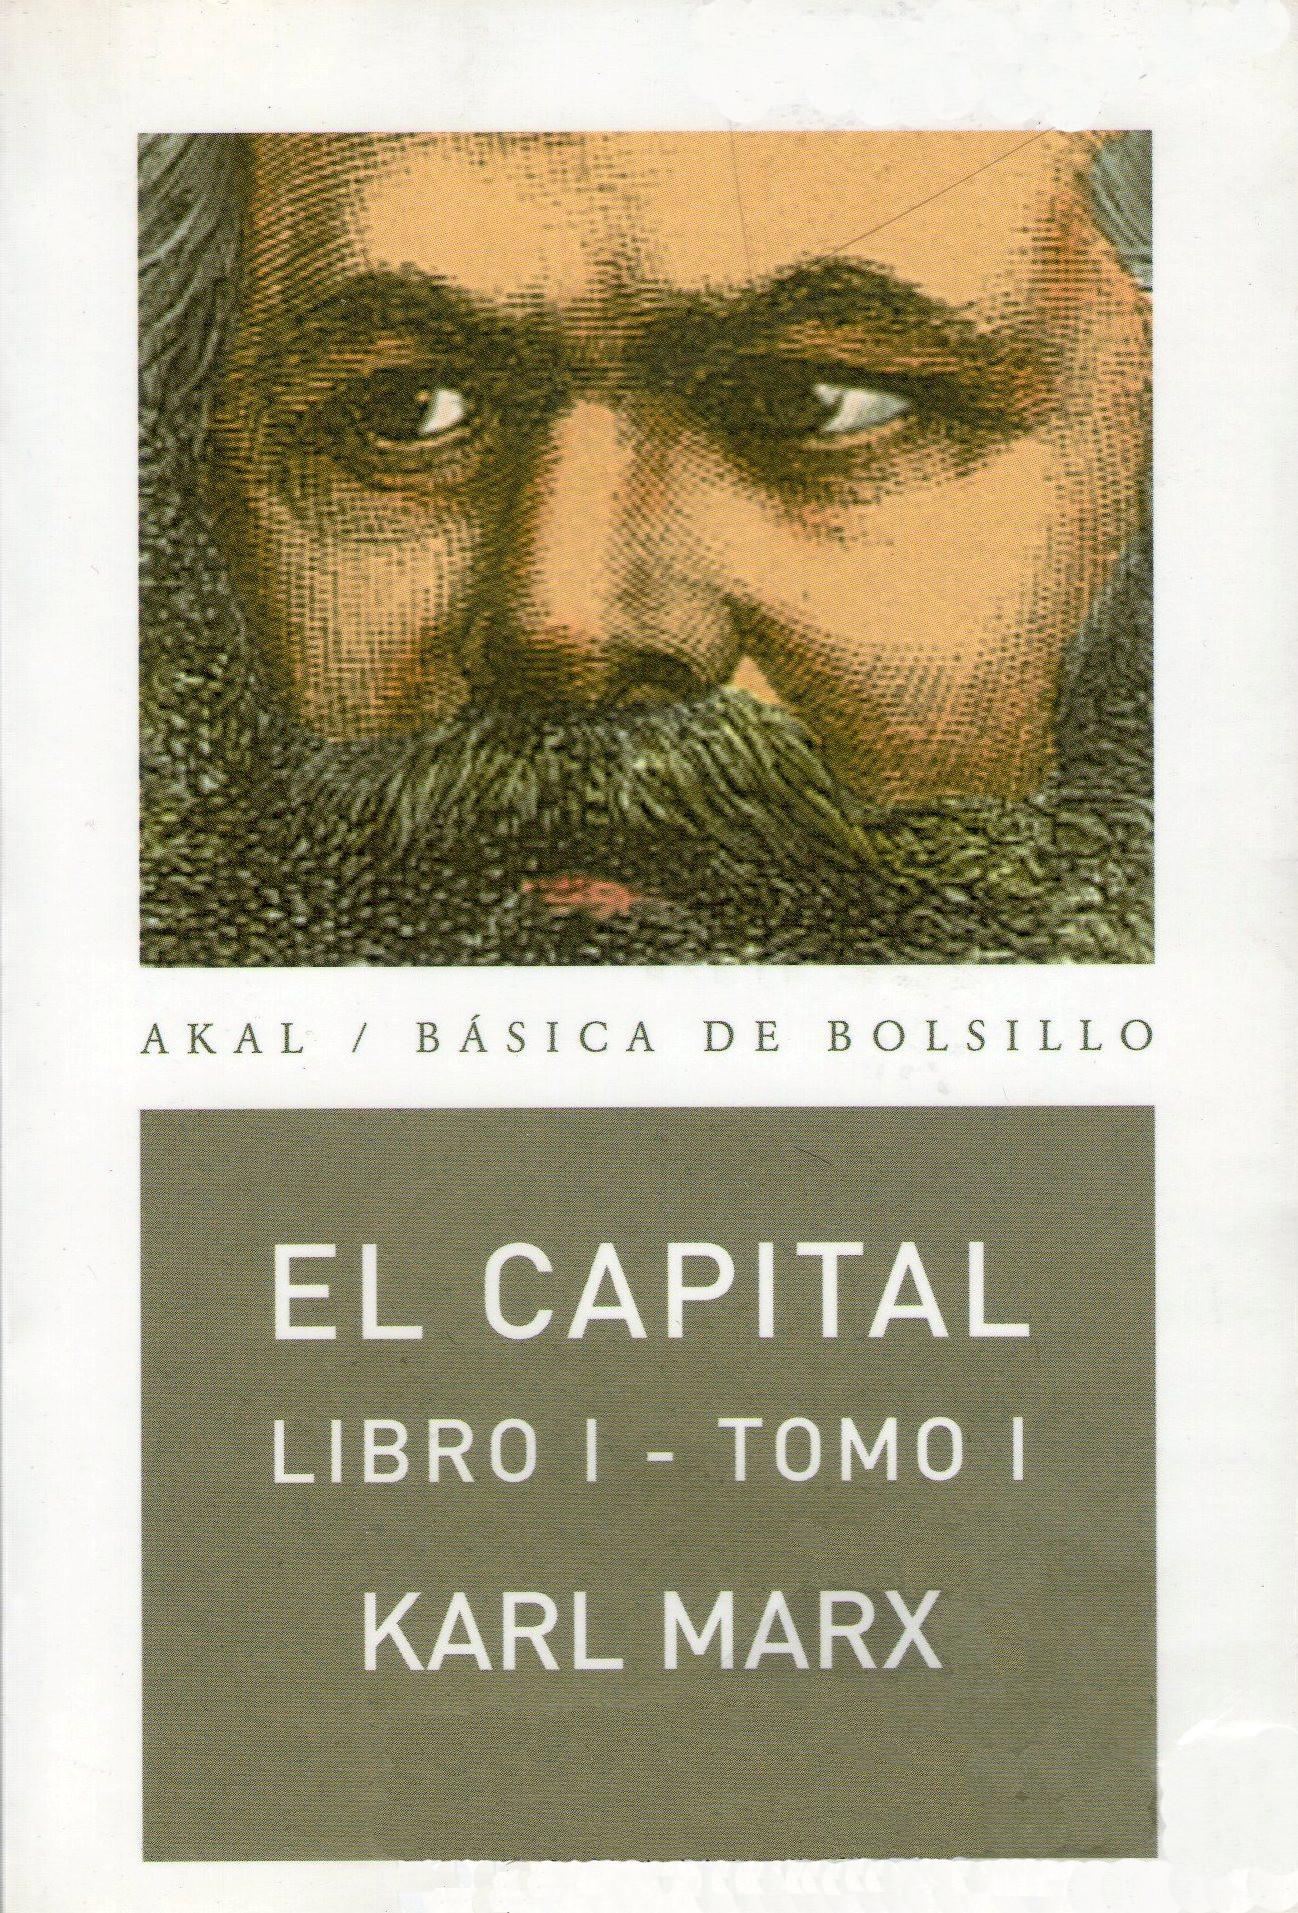 El capital, libro 1, tomo 1